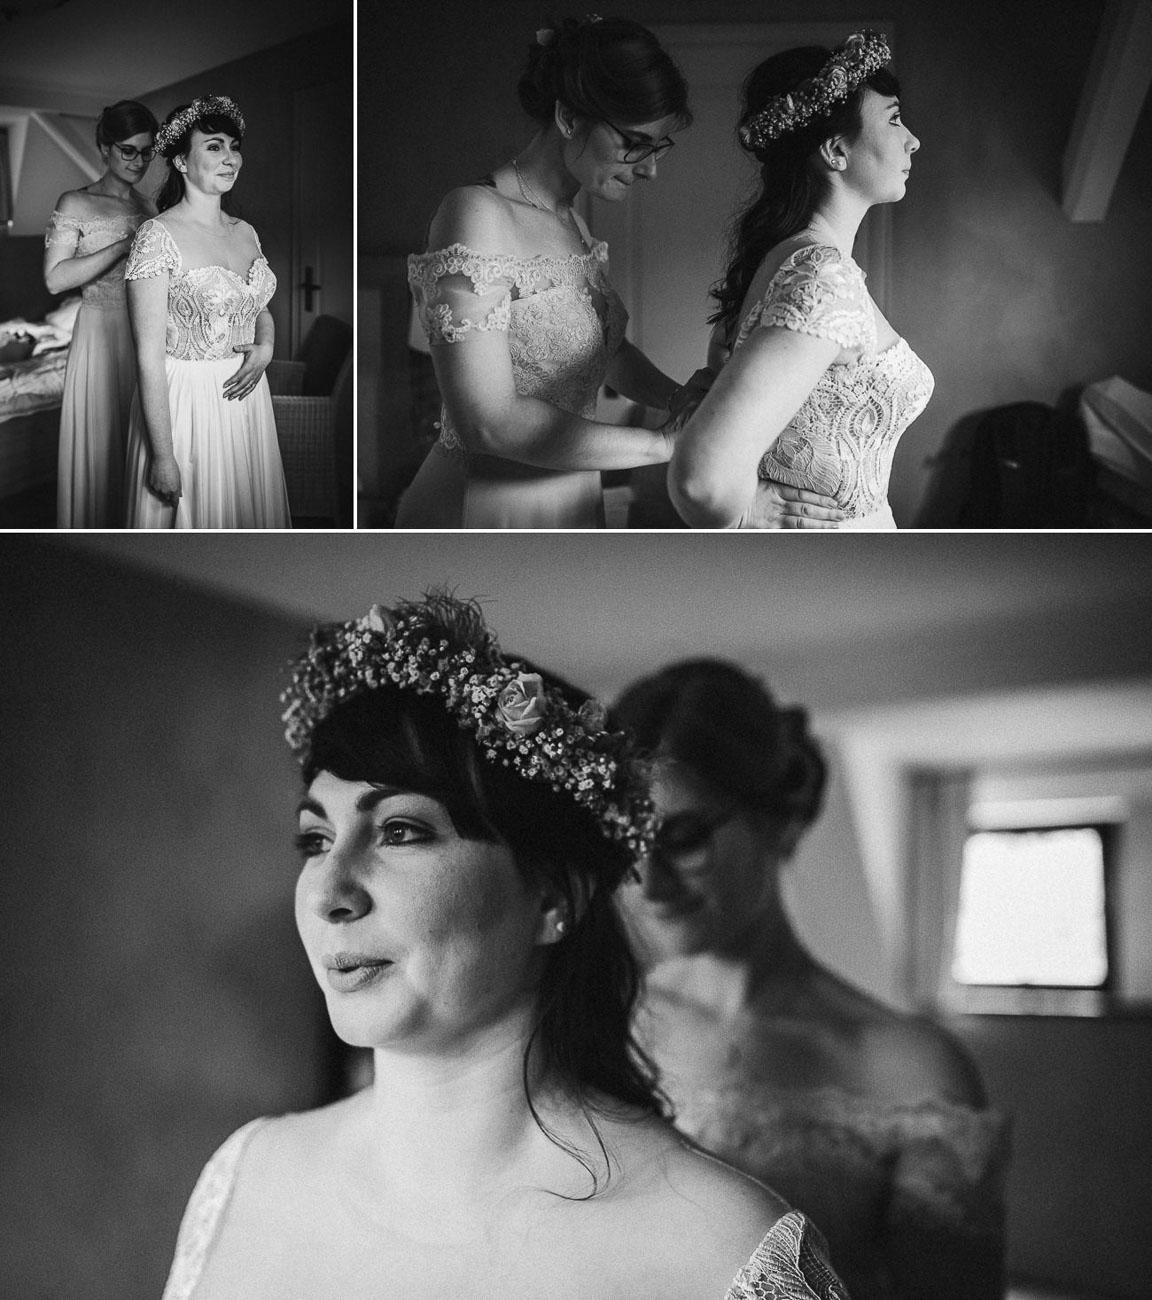 Hochzeitsfotograf_Radebeul_Getting_ready_weingut_029-_